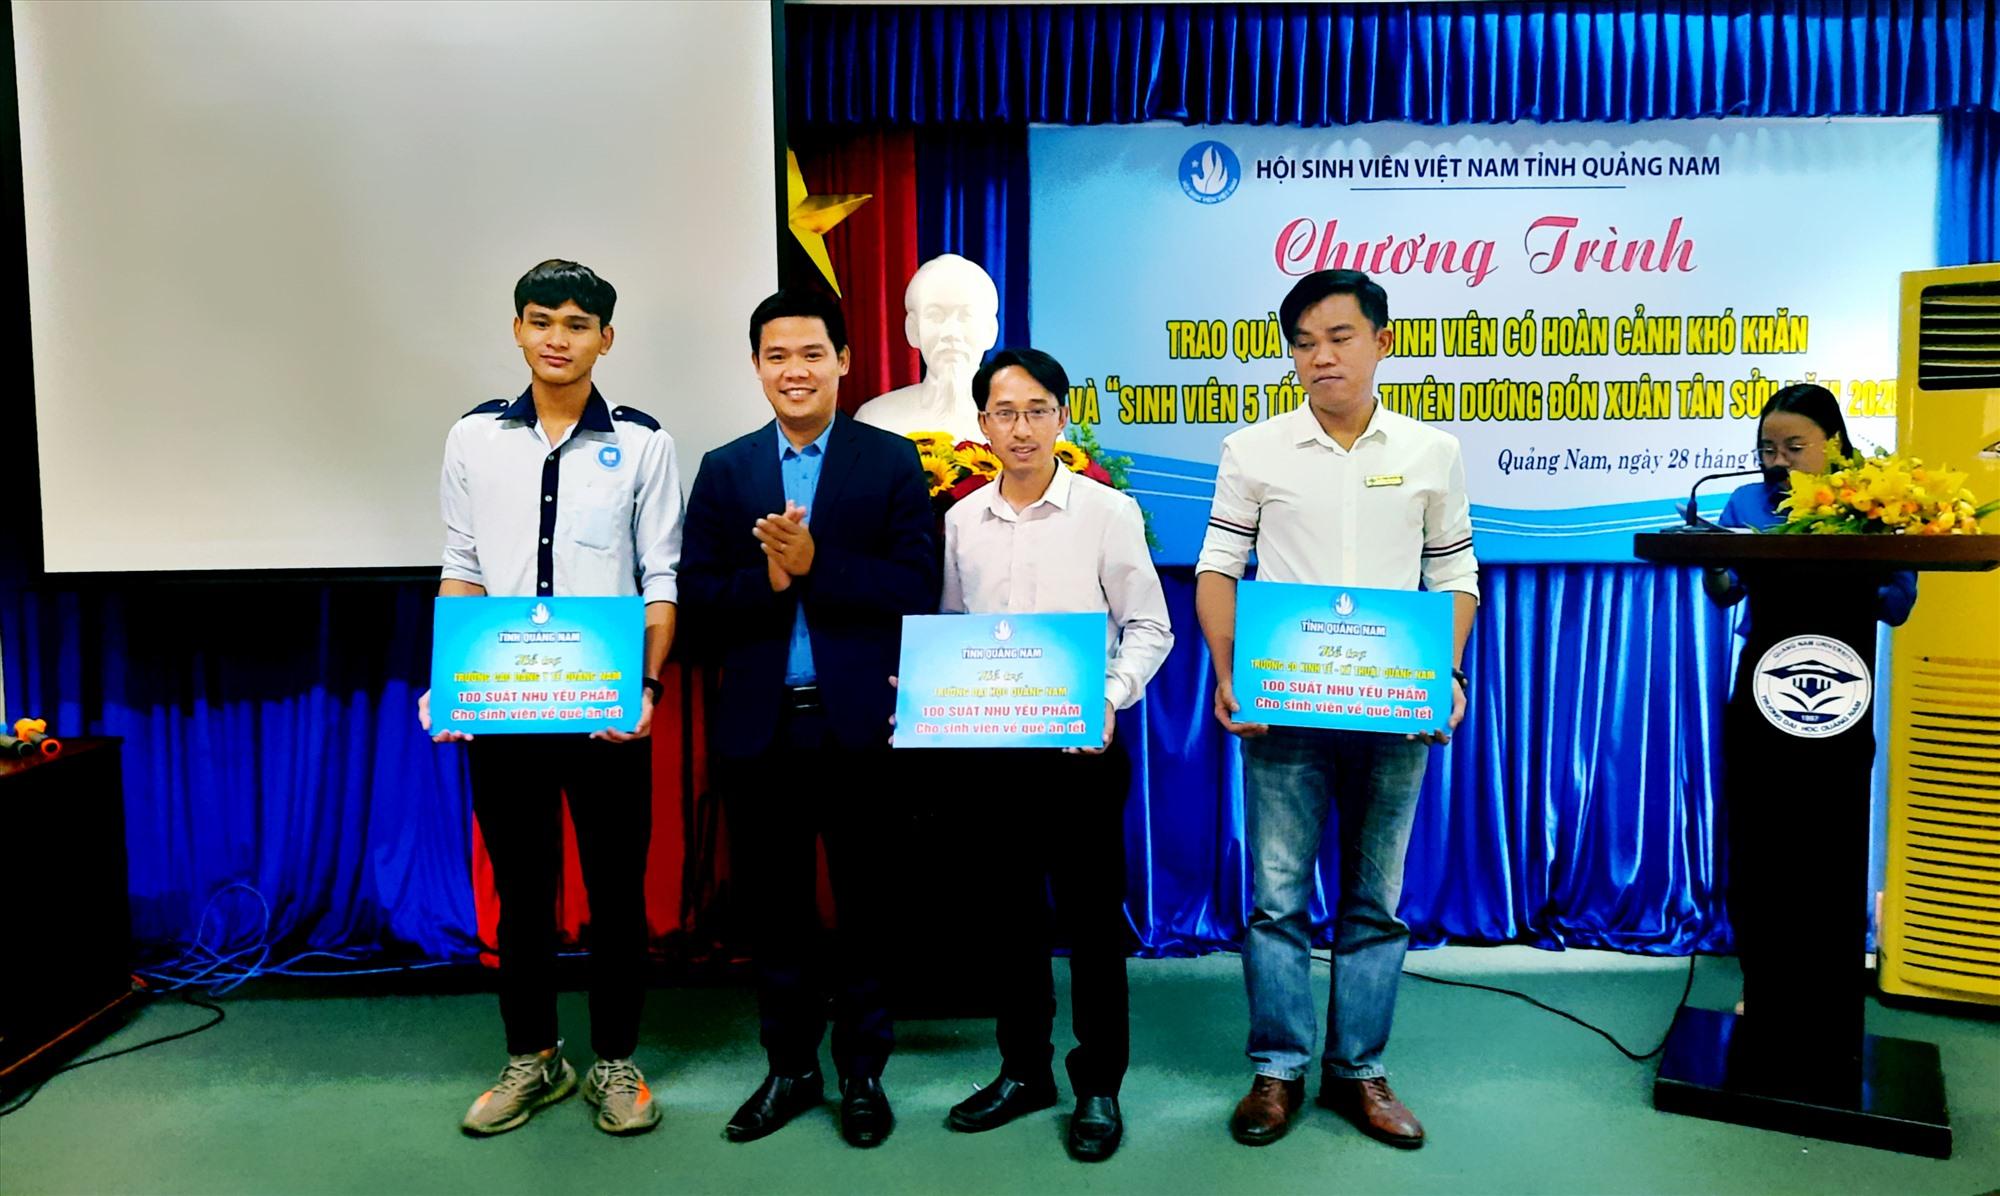 Đồng chí Hoàng Văn Thanh - Chủ tịch Hội Sinh viên Việt Nam tỉnh trao biển tượng trưng hỗ trợ quà cho sinh viên. Ảnh: THÁI CƯỜNG